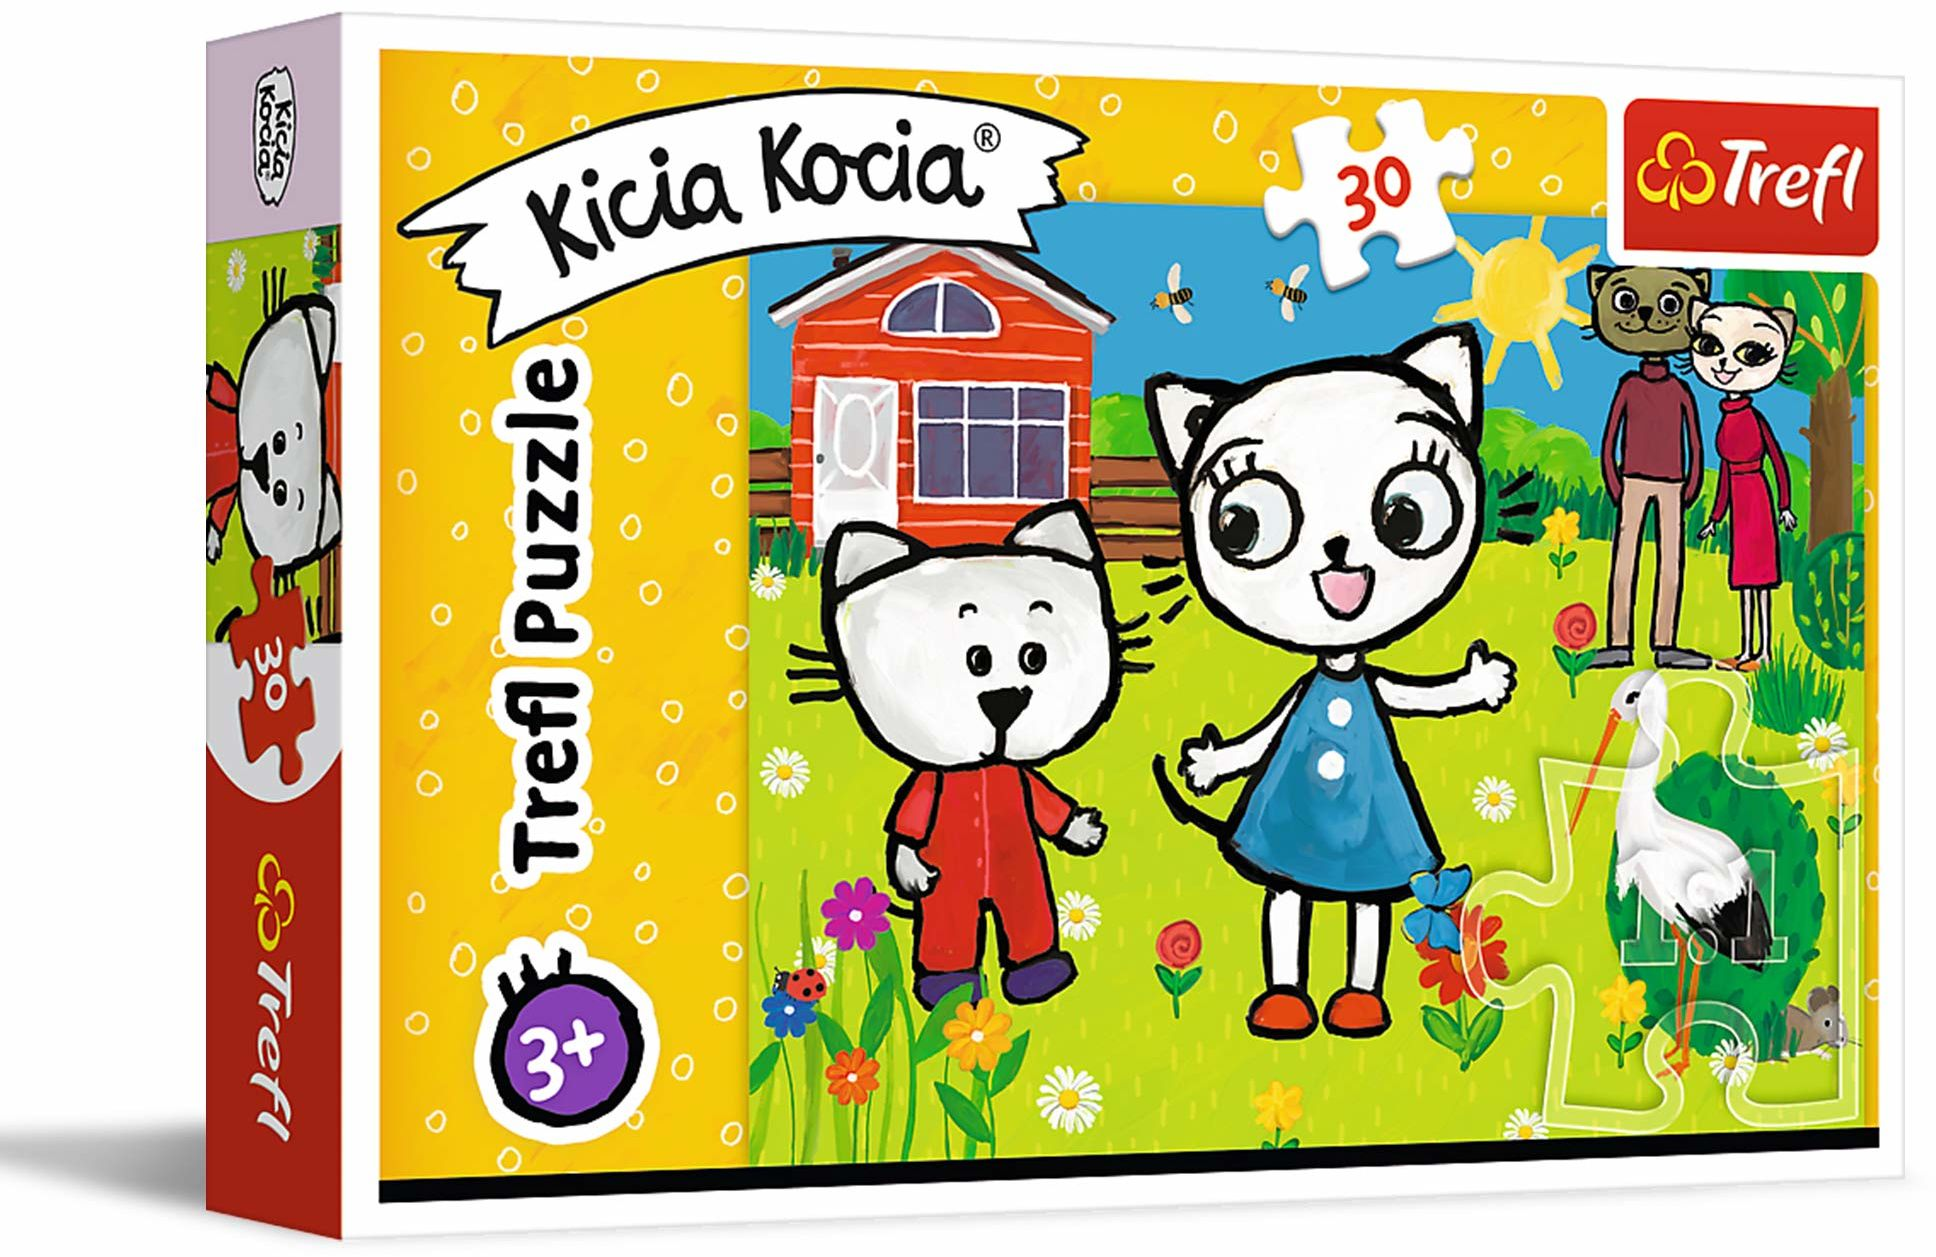 Trefl Przygody Kici Koci Puzzle 30 Elementów o Wysokiej Jakości Nadruku dla Dzieci od 3 lat